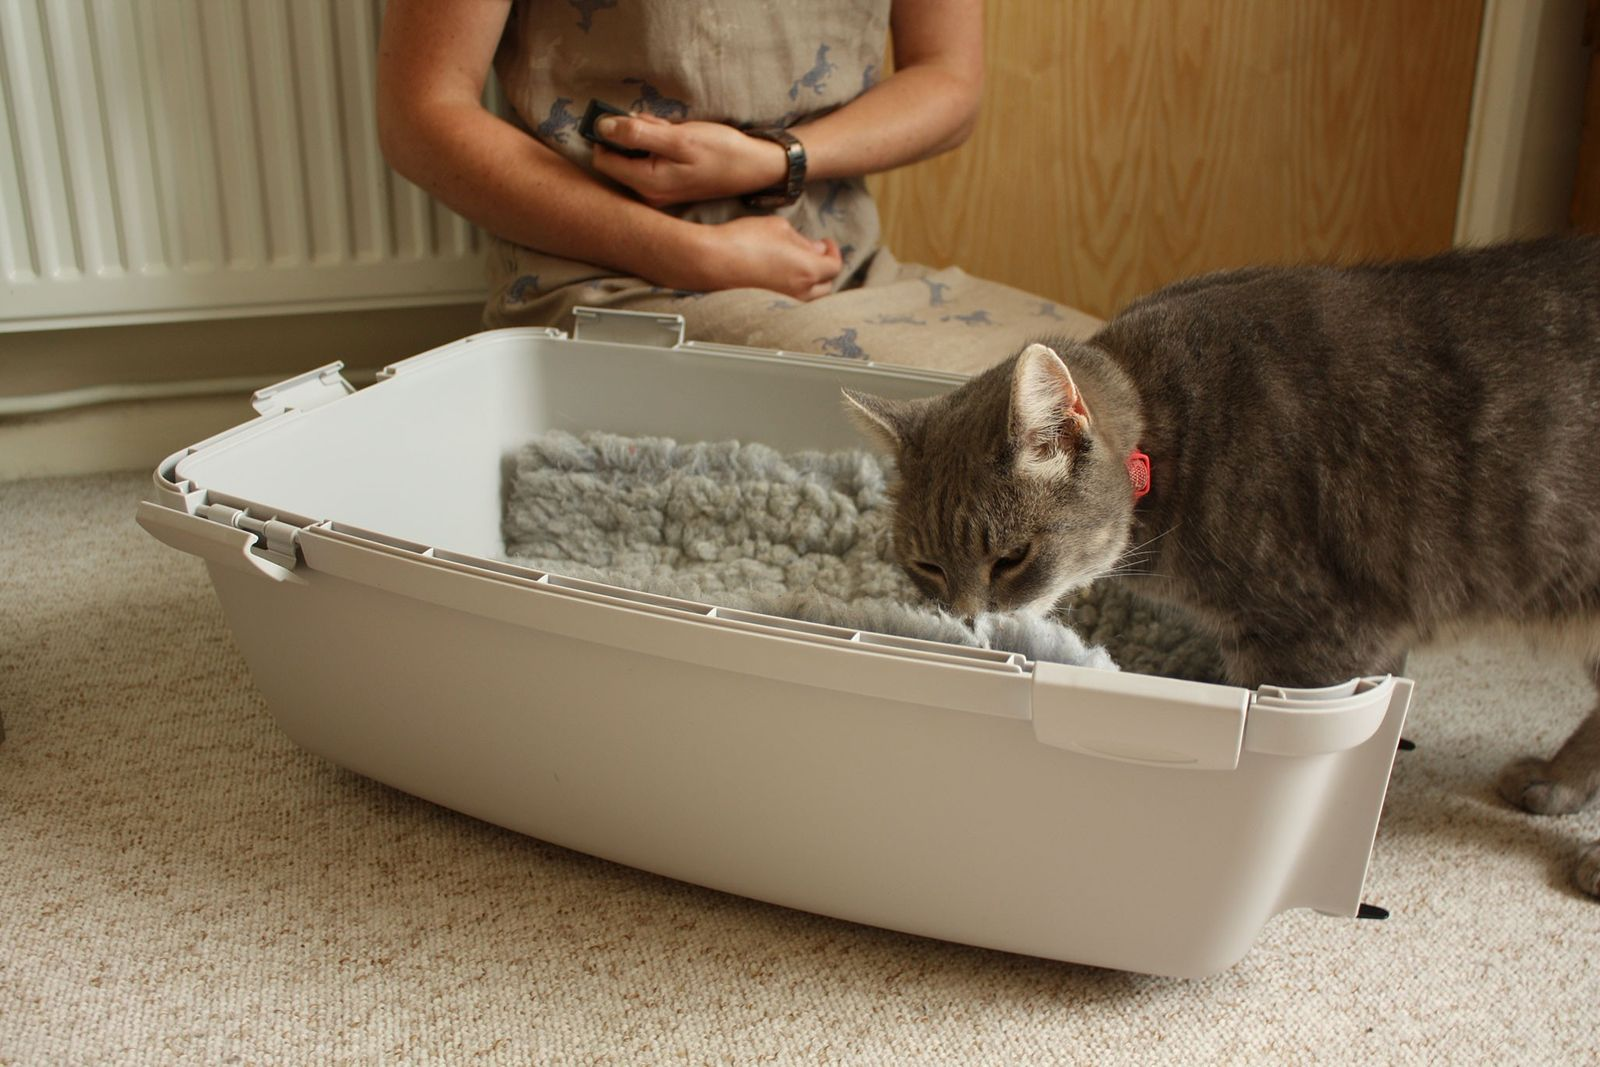 Estará a Treinar Bem o Seu Gato?